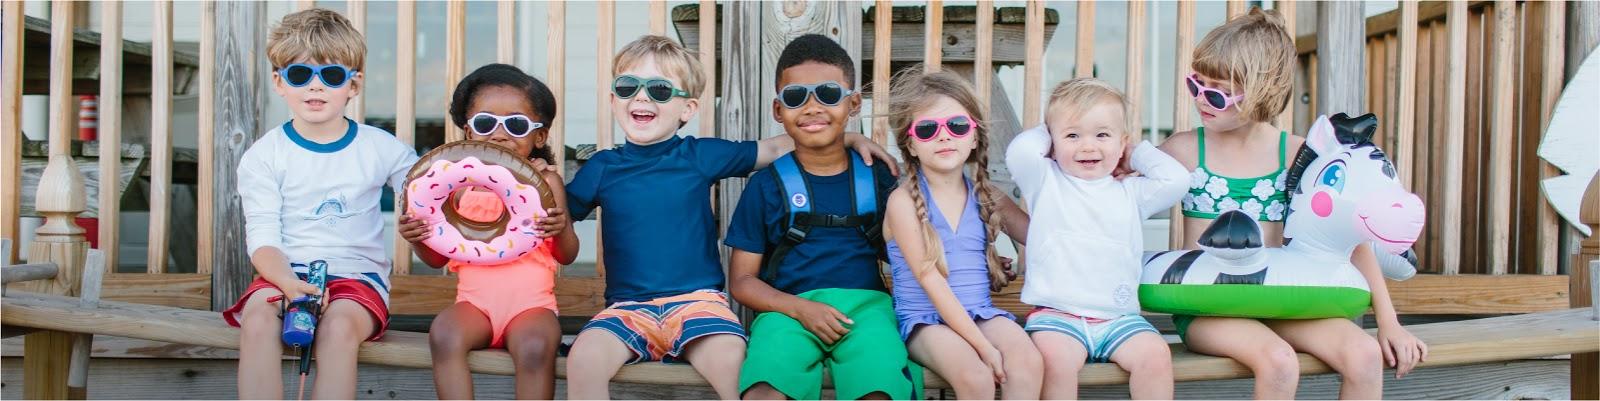 572a4864b469f O lema da Babiators é de que os seus óculos de sol são